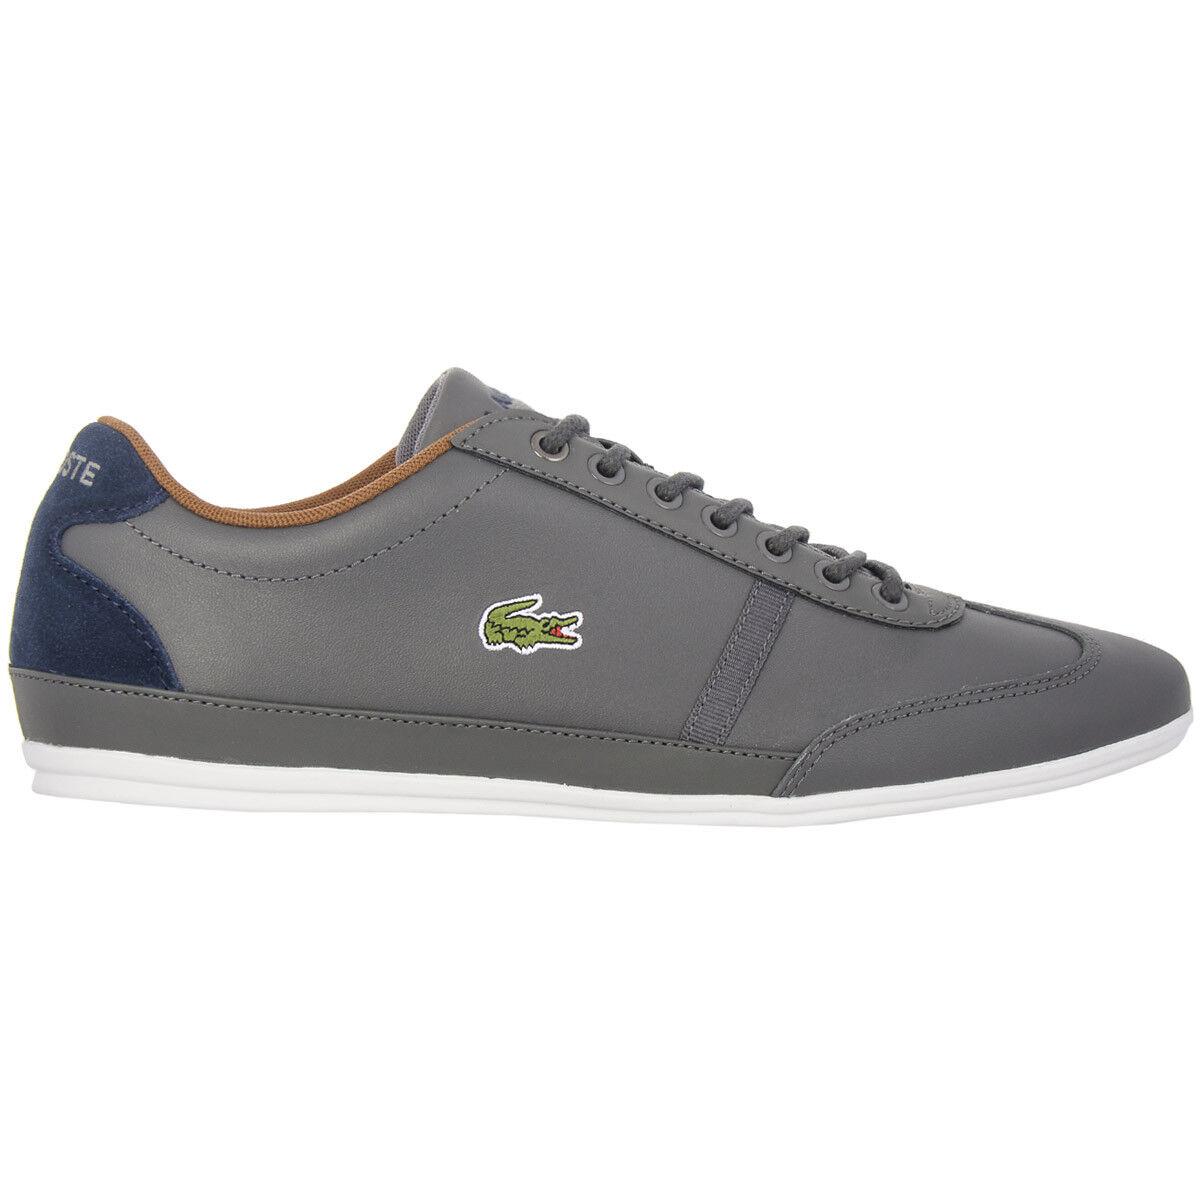 Lacoste scarpe da ginnastica Uomo Misano Sport Grigio Scarpe di pelle Casual Nuovo | Conosciuto per la sua eccellente qualità  | Uomini/Donna Scarpa